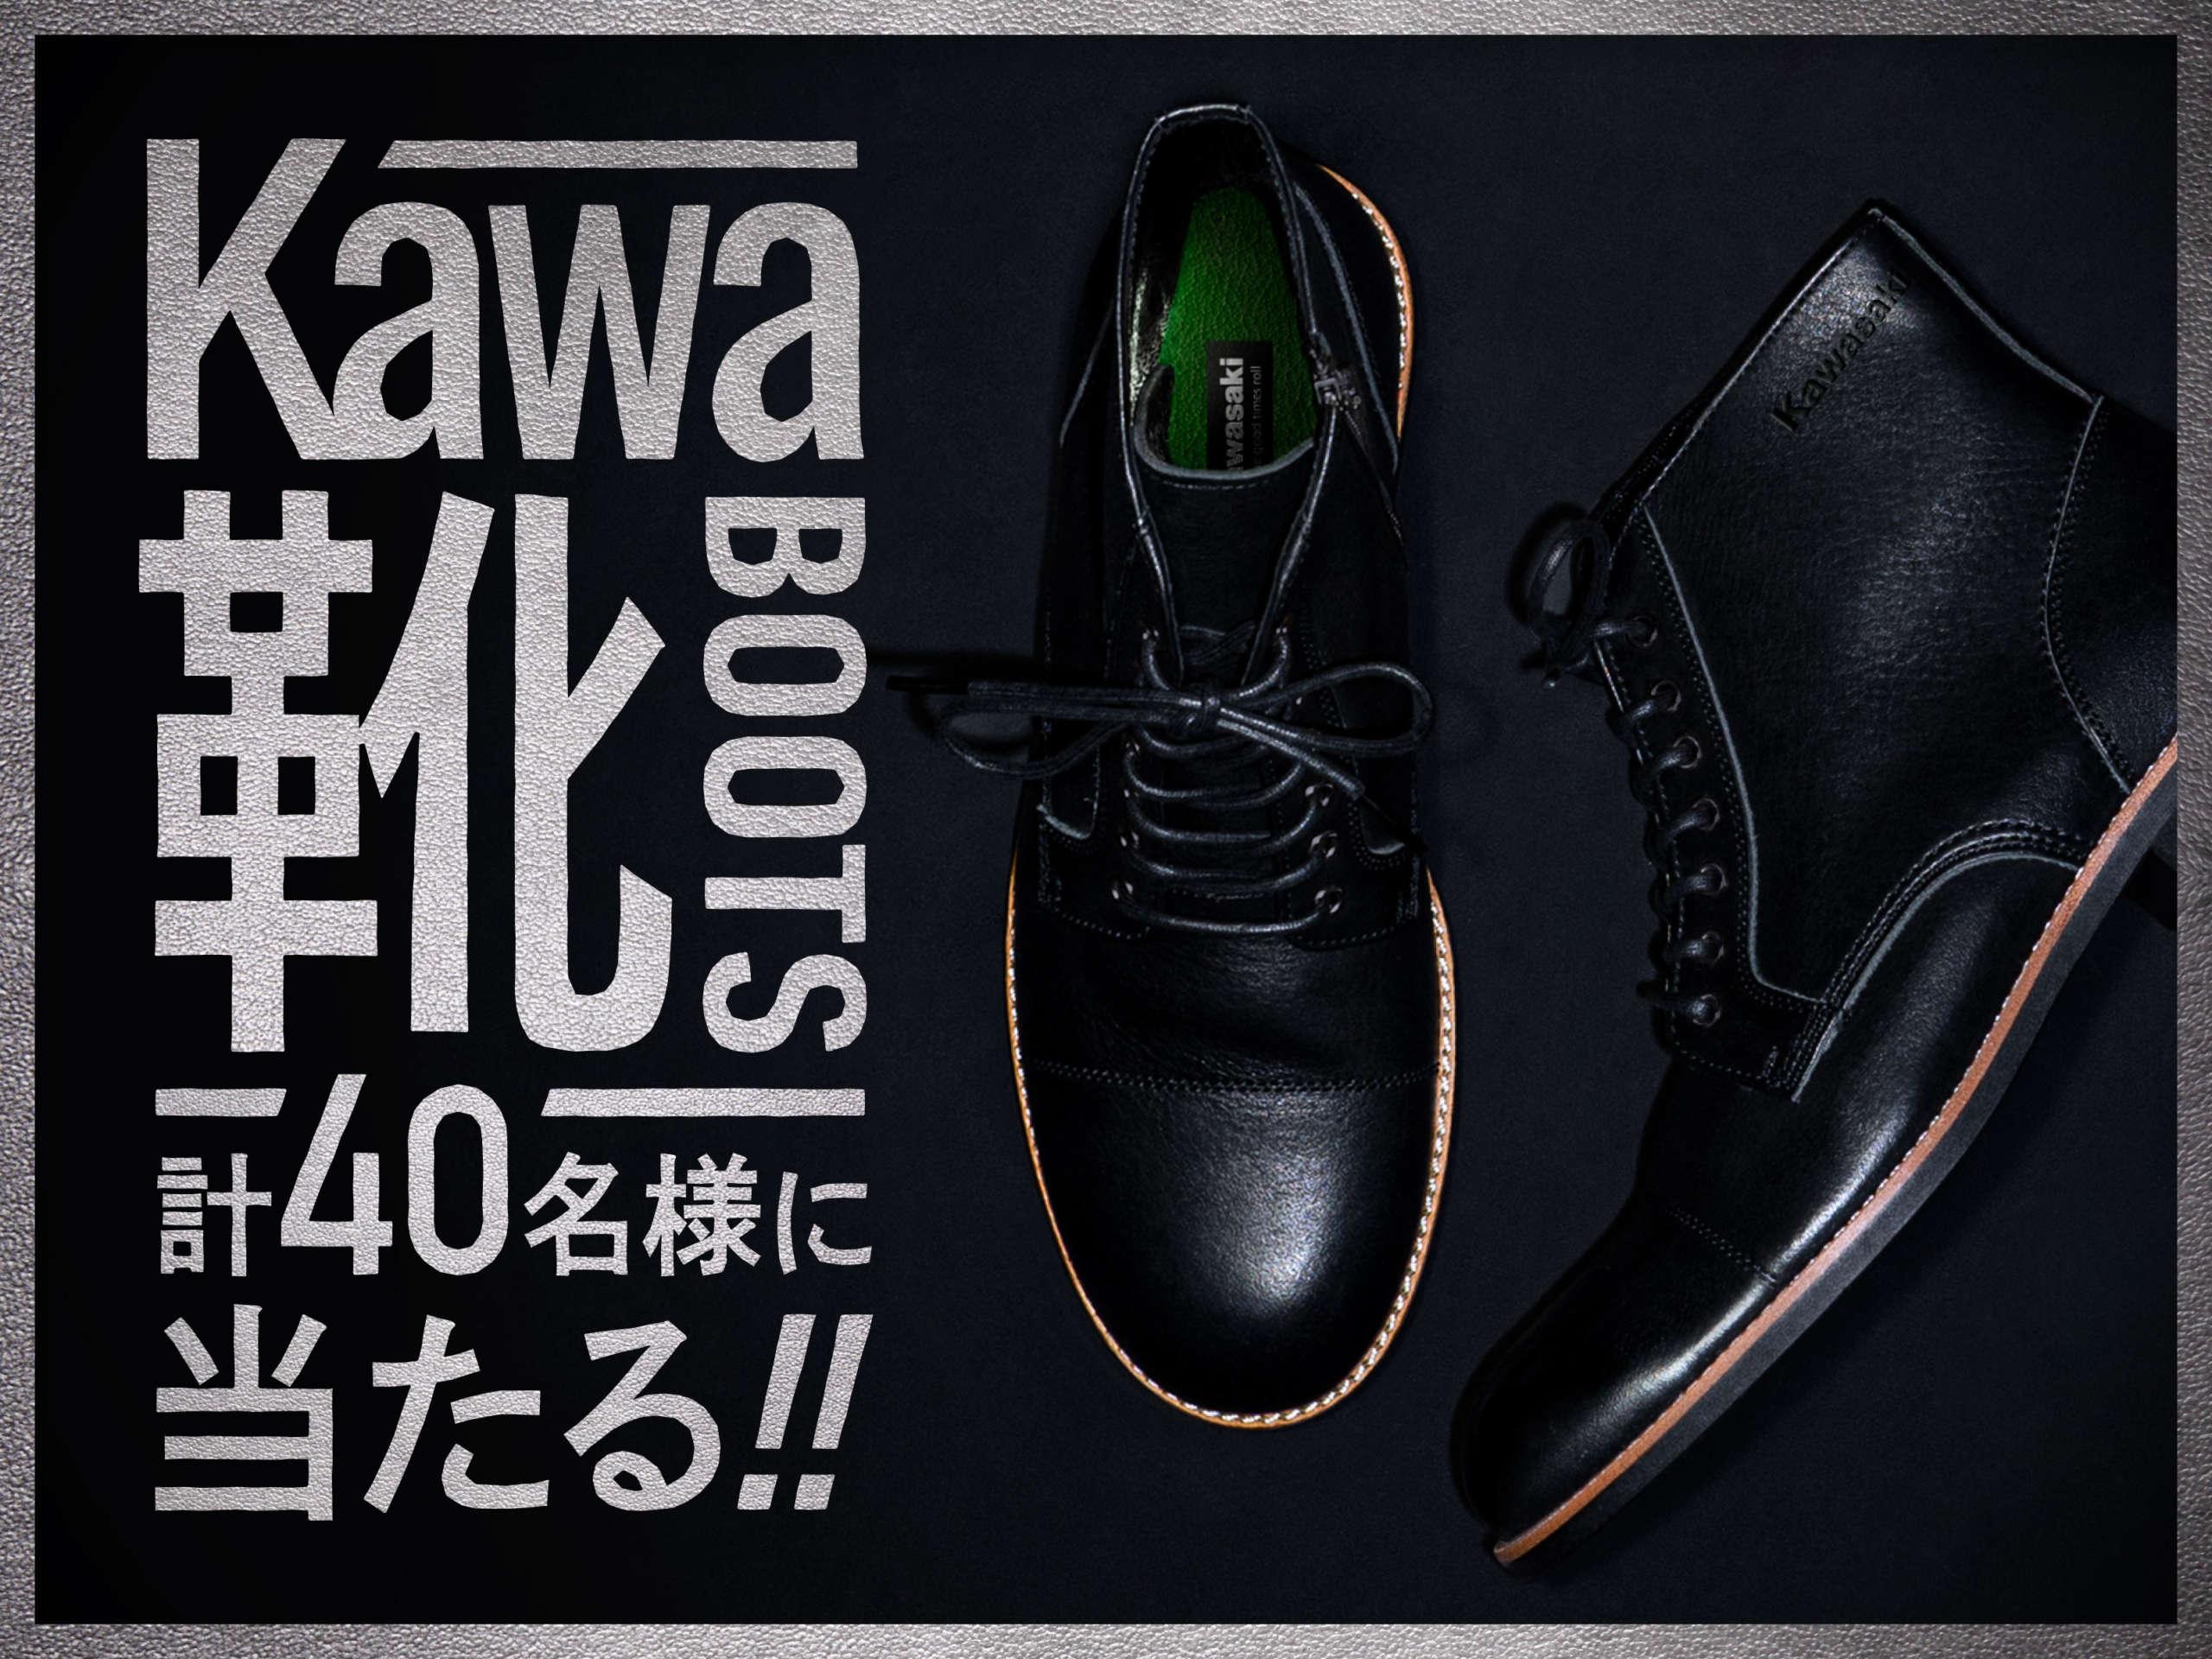 Kawasaki(カワサキ)『Kawa靴(ブーツ)が当たる!!キャンペーン』